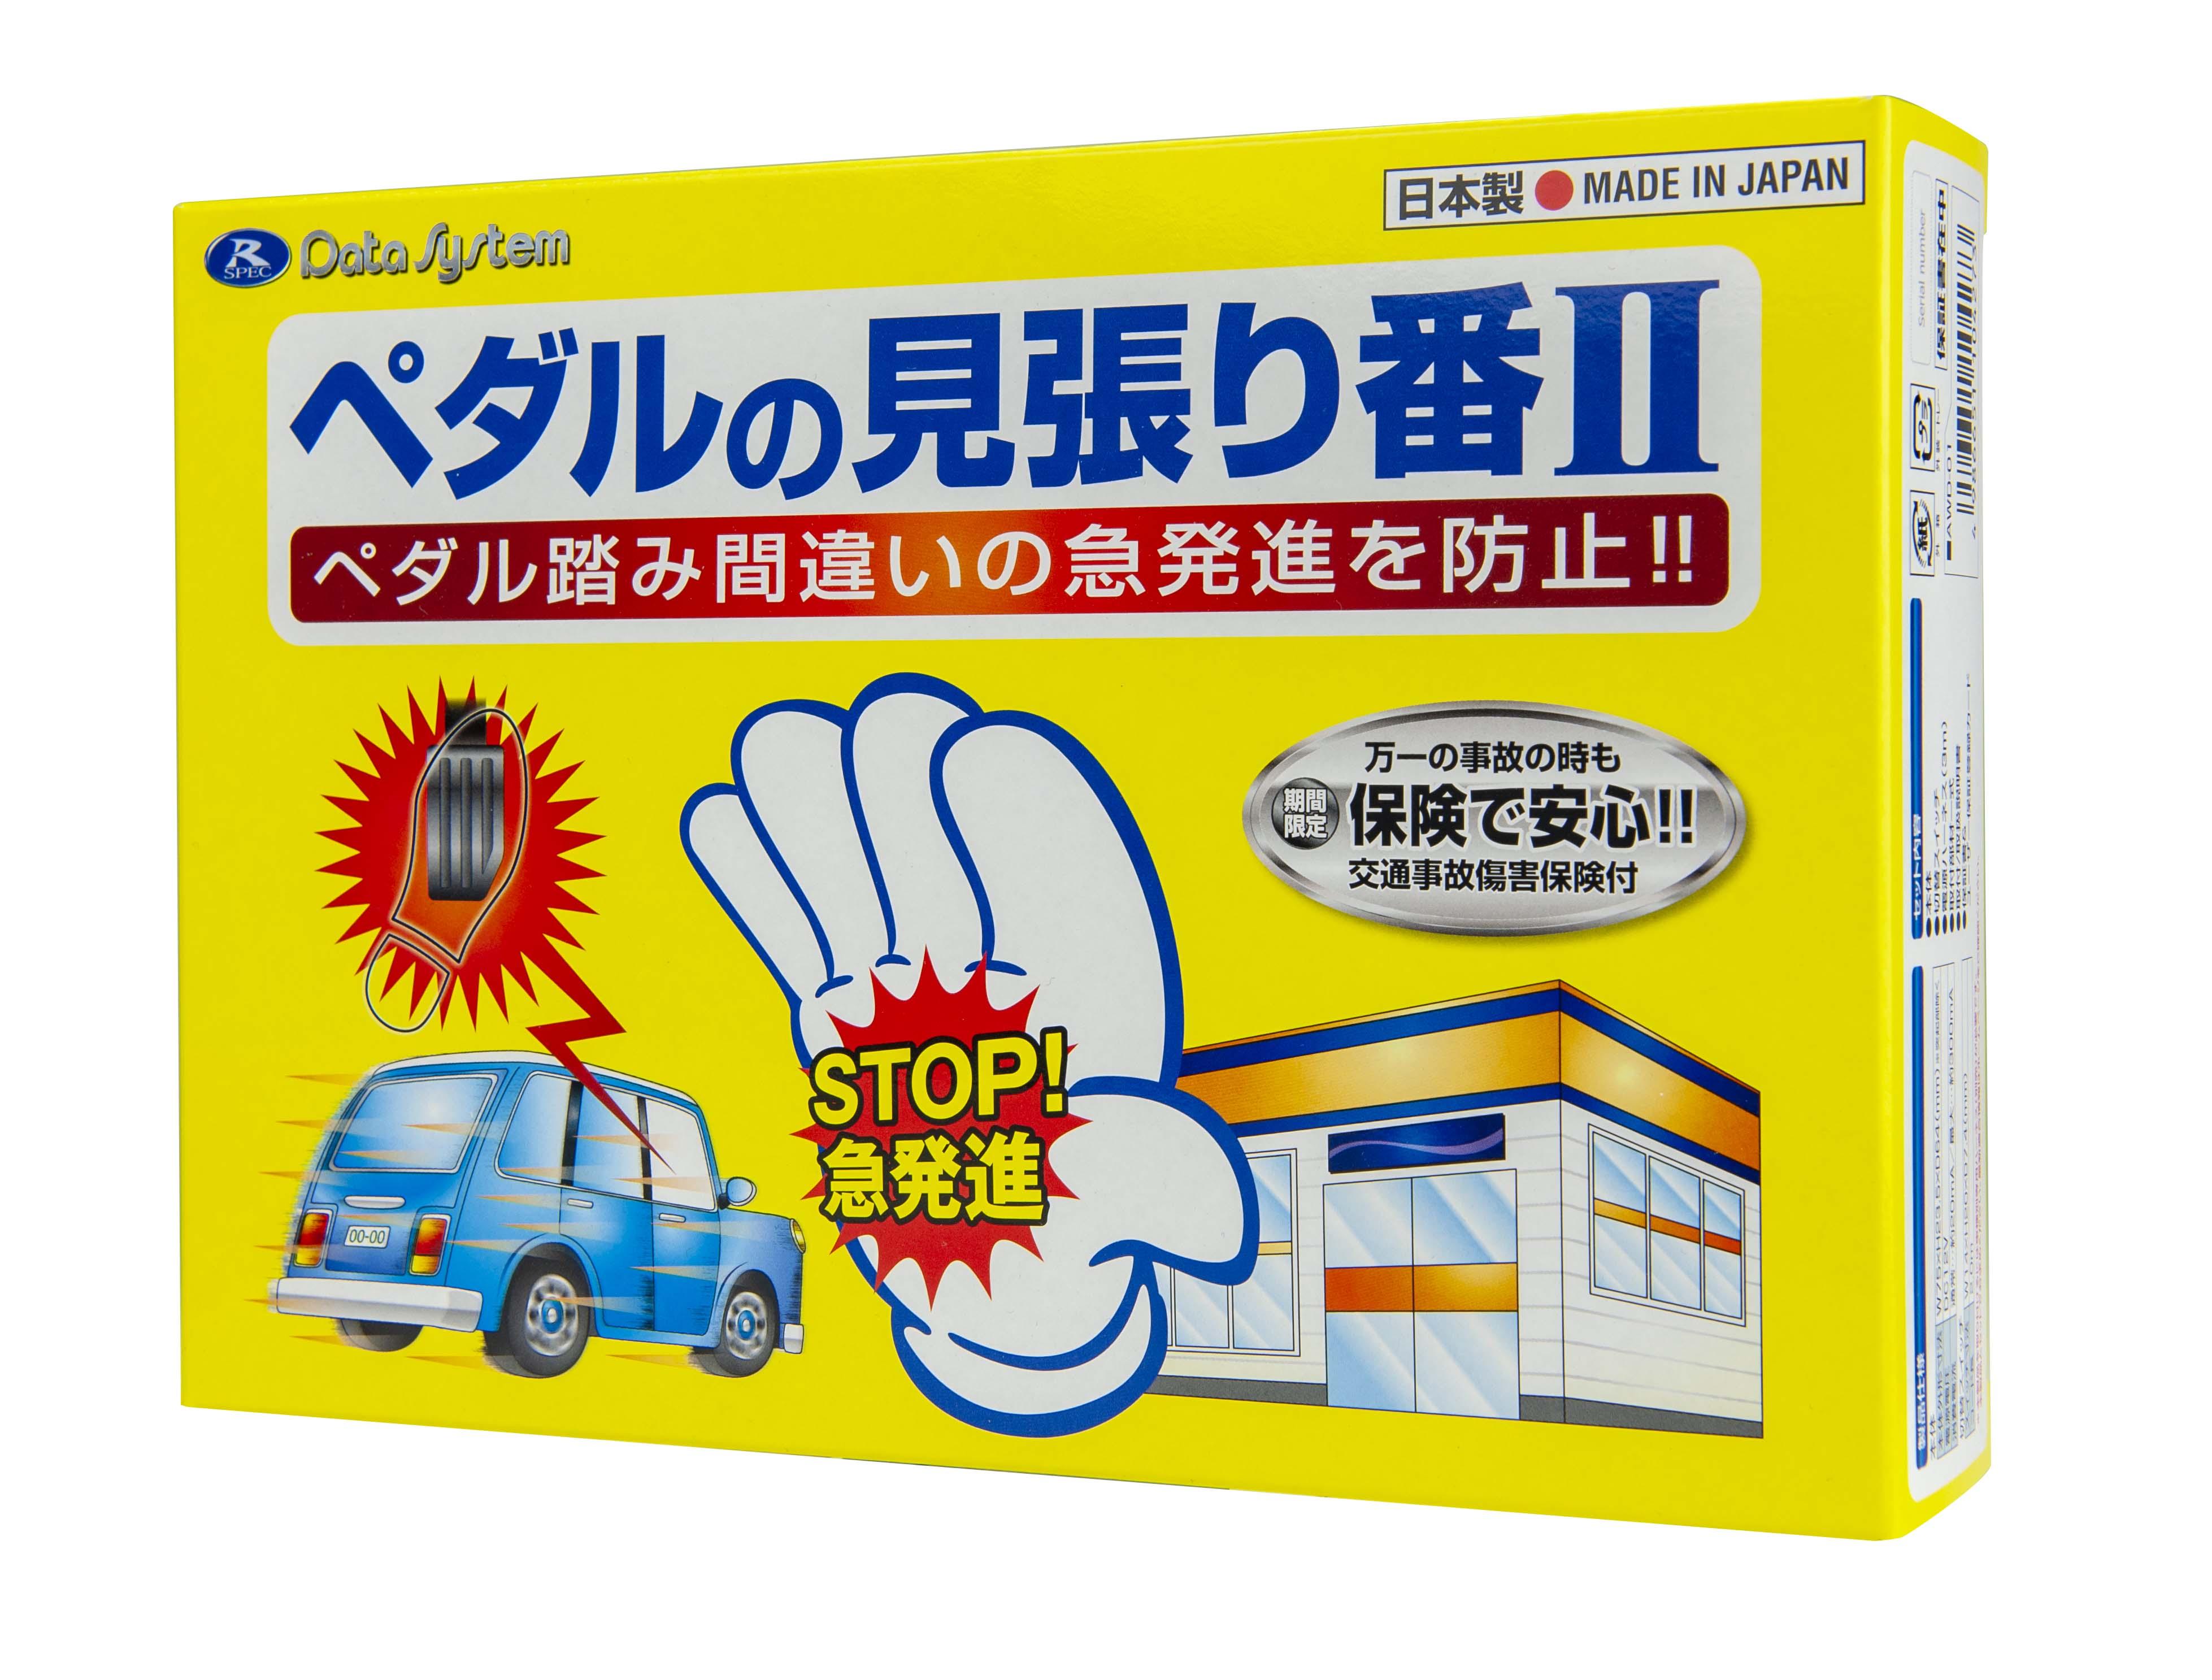 3万円で高齢者の事故防止!急発進防止装置が後付け出来るって知ってました?